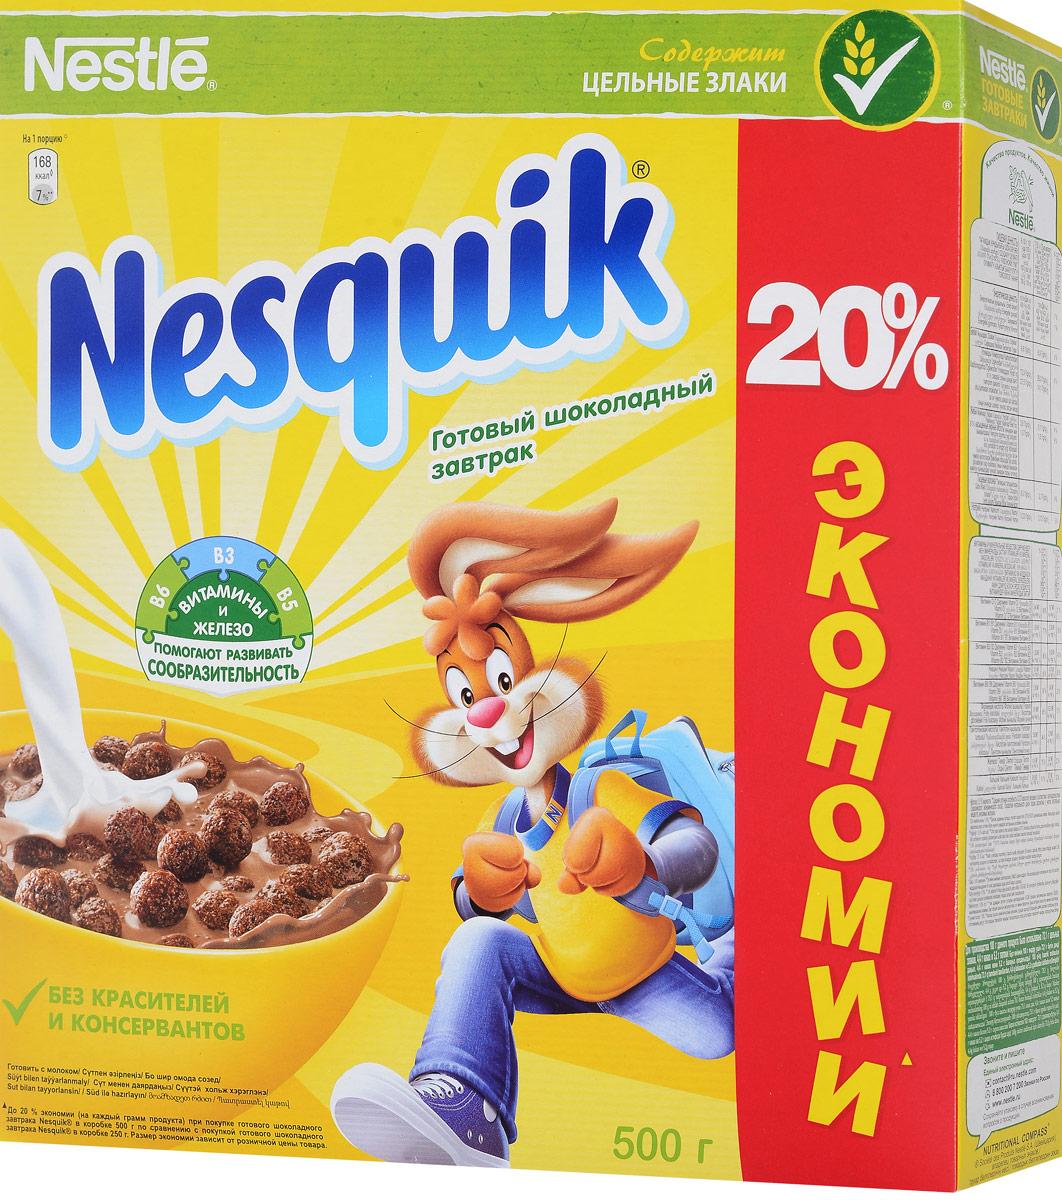 Nestle Nesquik Шоколадные шарики готовый завтрак, 500 г12156116Готовый завтрак Nestle Nesquik Шоколадные шарики - такой вкусный и невероятно шоколадный завтрак! Тарелка полезного для здоровья готового завтрака Nesquik в сочетании с молоком - это прекрасное начало дня. В состав готового завтрака Nesquik входят цельные злаки (природный источник клетчатки), а также он обогащен 7 витаминами, железом и кальцием, которые помогают расти здоровым и умным. Какао - секрет волшебного шоколадного вкуса Nesquik, который так нравится детям. Дети любят готовый завтрак Nesquik за чудесный шоколадный вкус, а мамы - за его пользу. Рекомендуется употреблять с молоком, кефиром, йогуртом или соком. Уважаемые клиенты! Обращаем ваше внимание на то, что упаковка может иметь несколько видов дизайна. Поставка осуществляется в зависимости от наличия на складе.